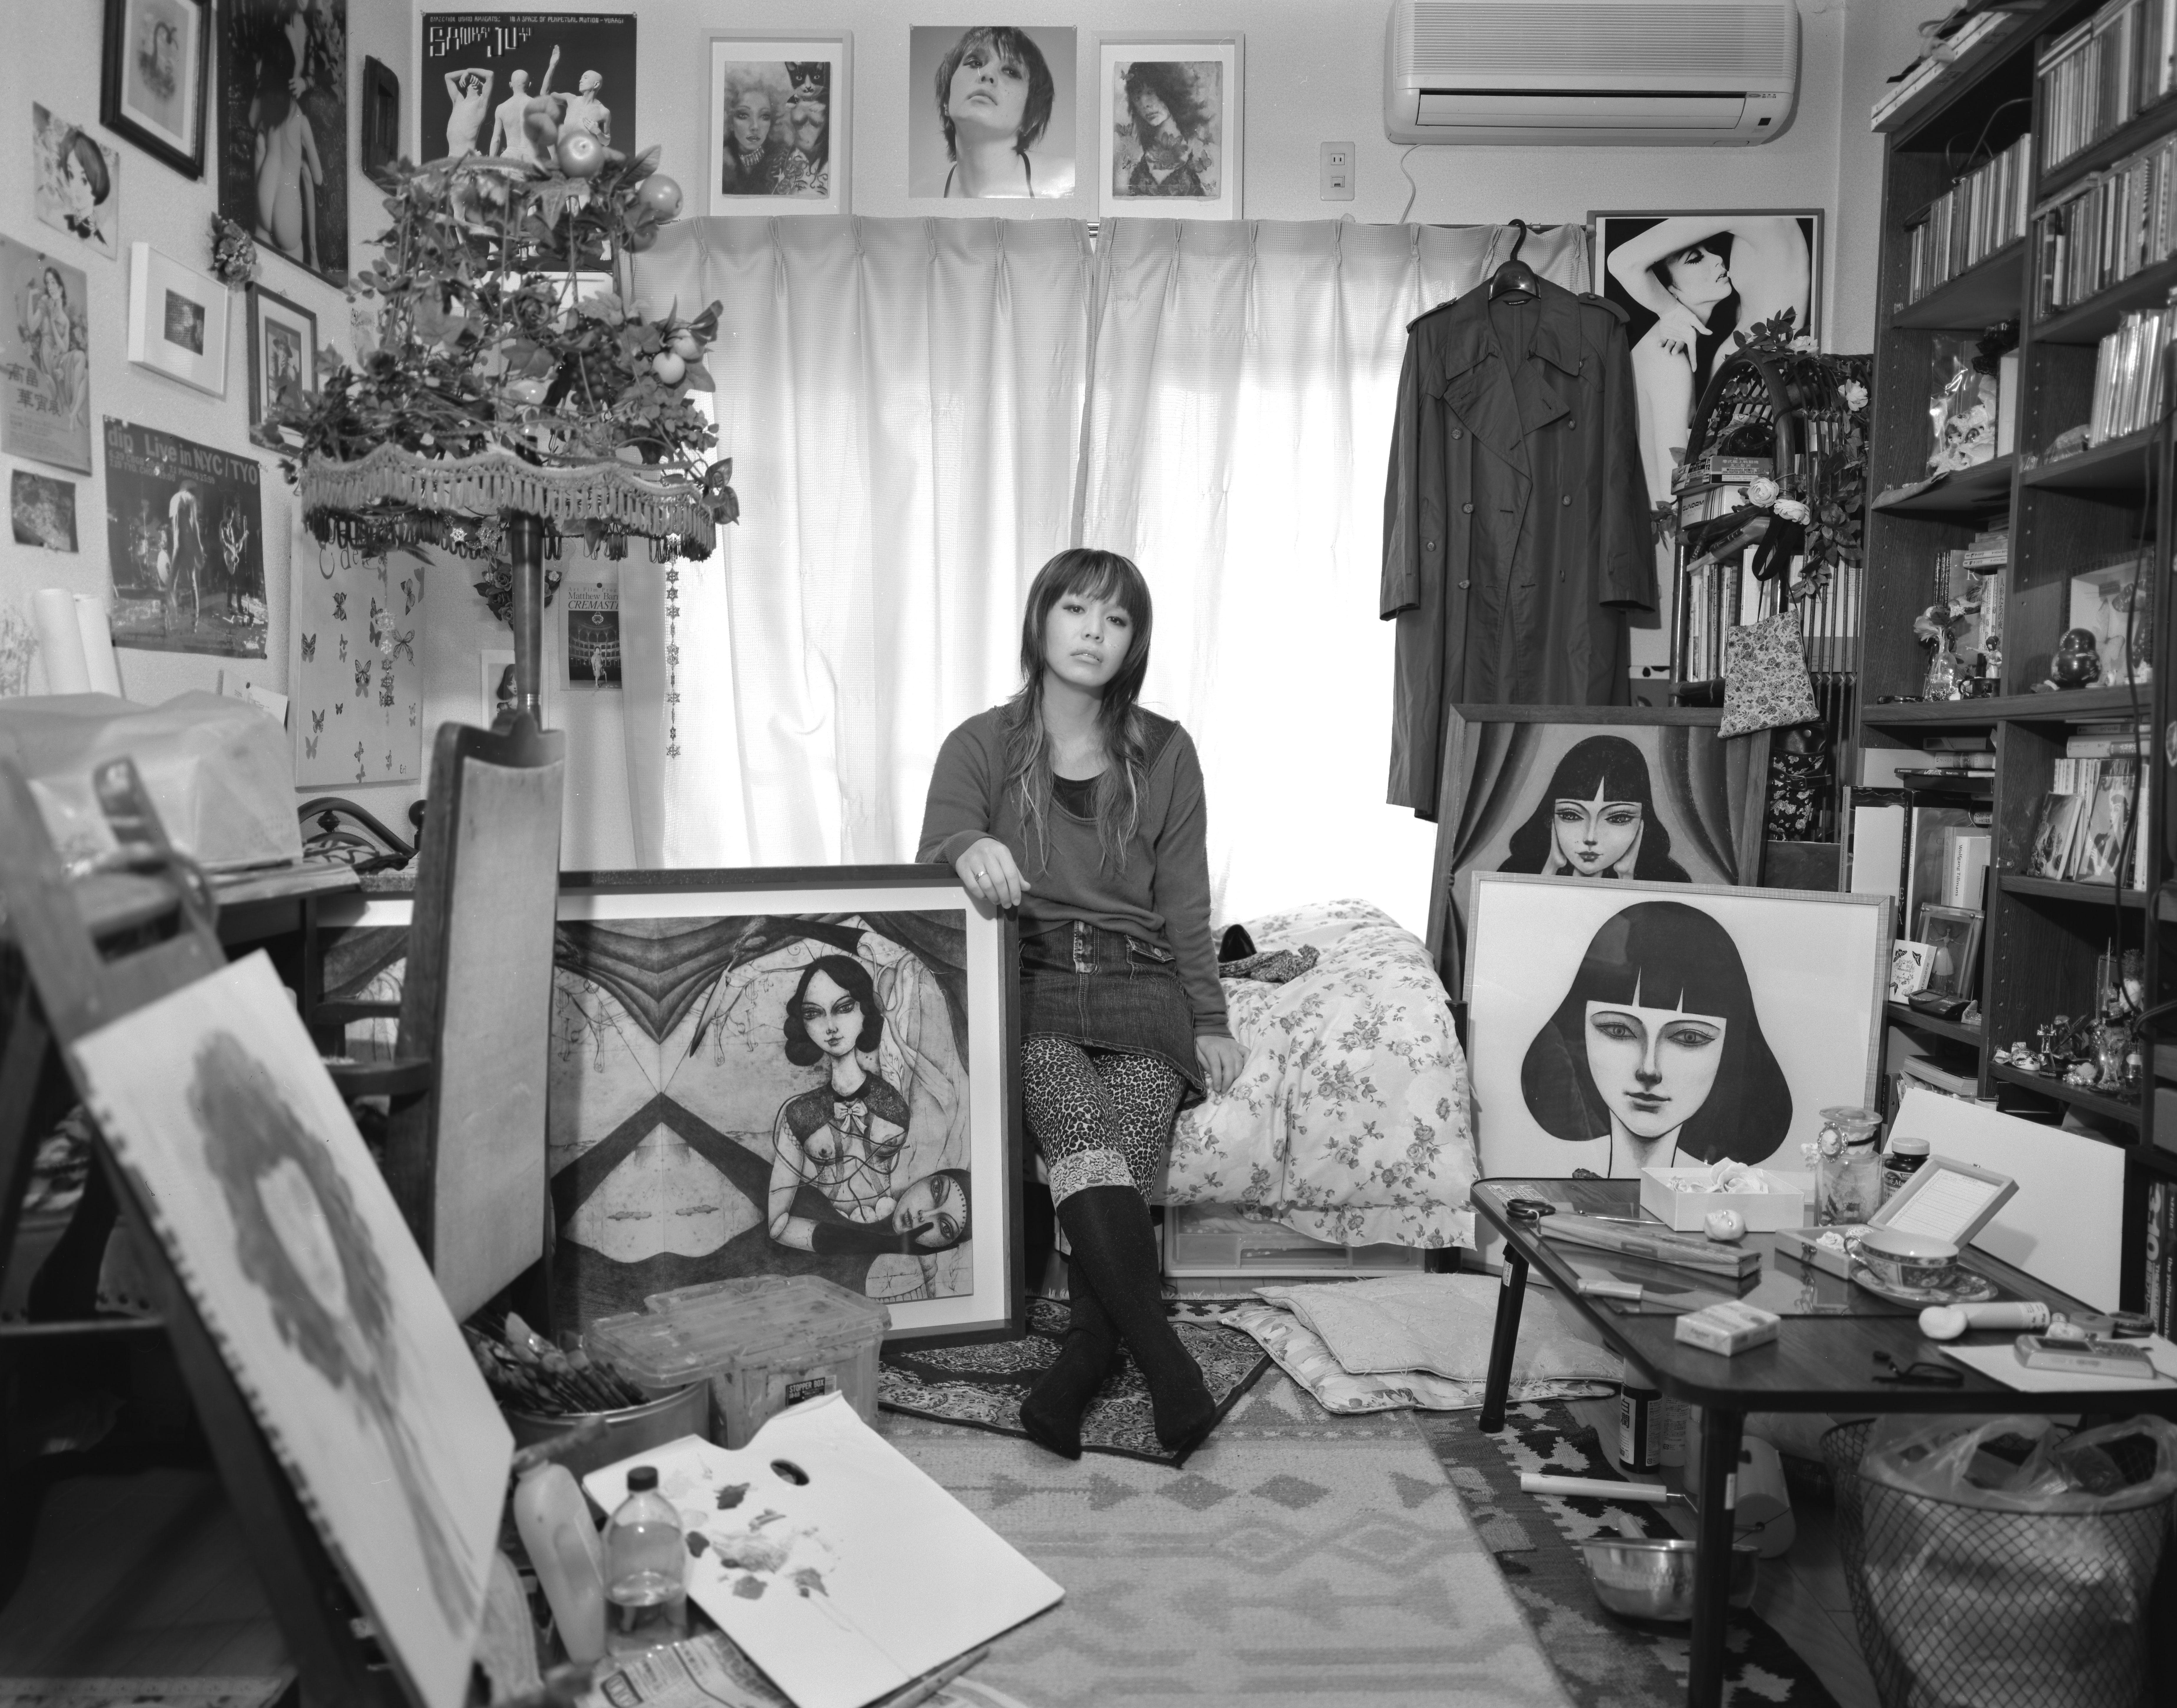 """女性を撮ることの""""純粋讃歌""""として制作した〈称像〉シリーズ"""